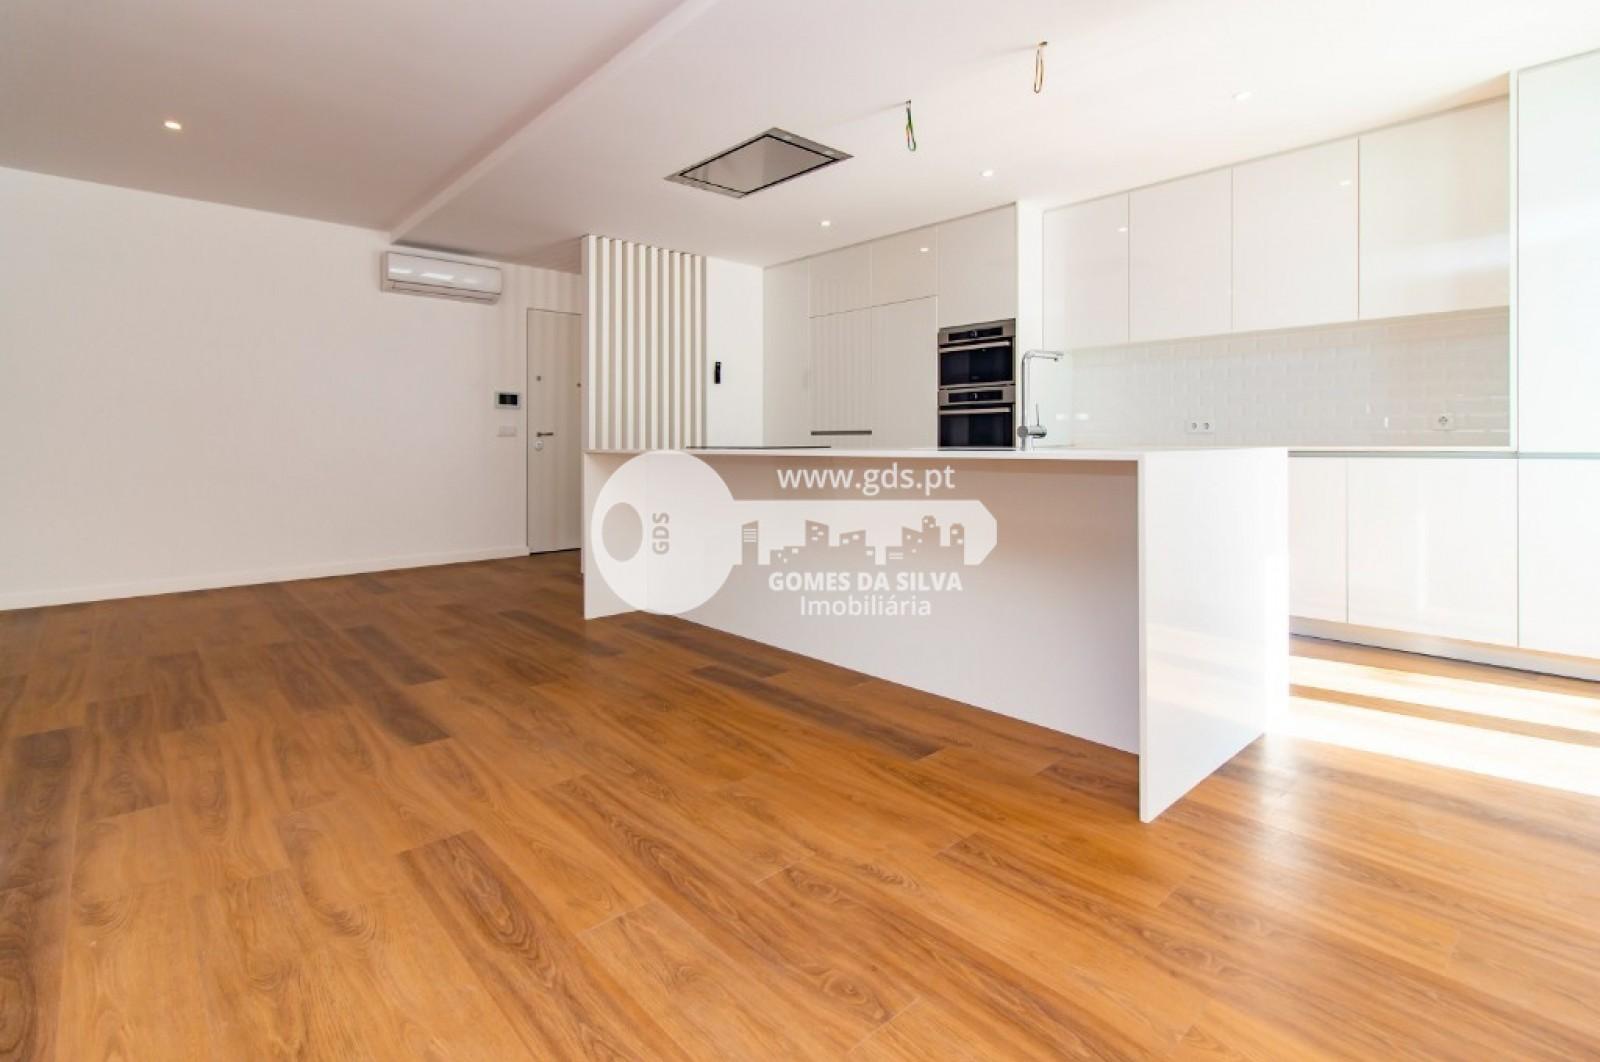 Apartamento T3 para Venda em São Vicente, Braga, Braga - Imagem 33